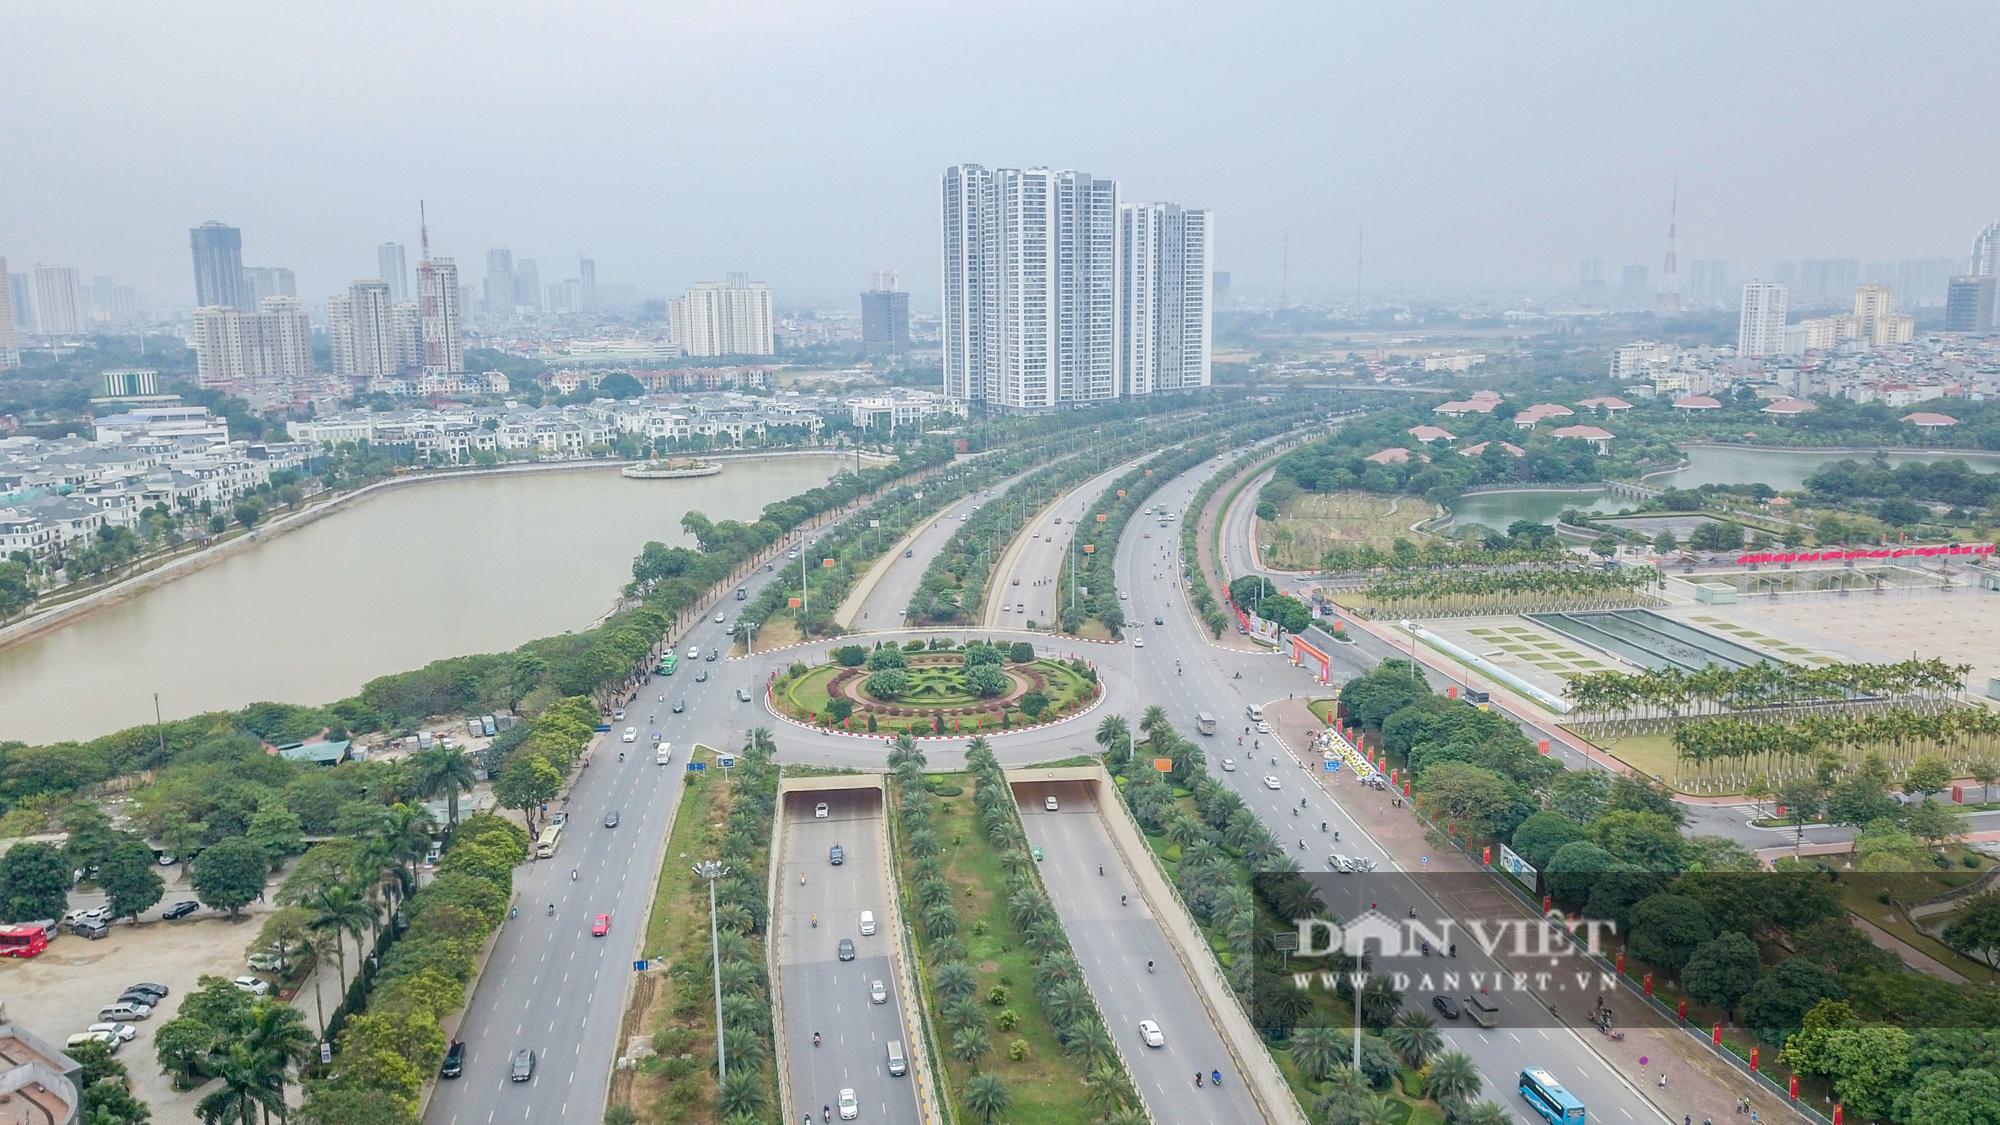 Điểm mặt những tuyến đường nhiều tầng cây xanh ở Hà Nội - Ảnh 10.